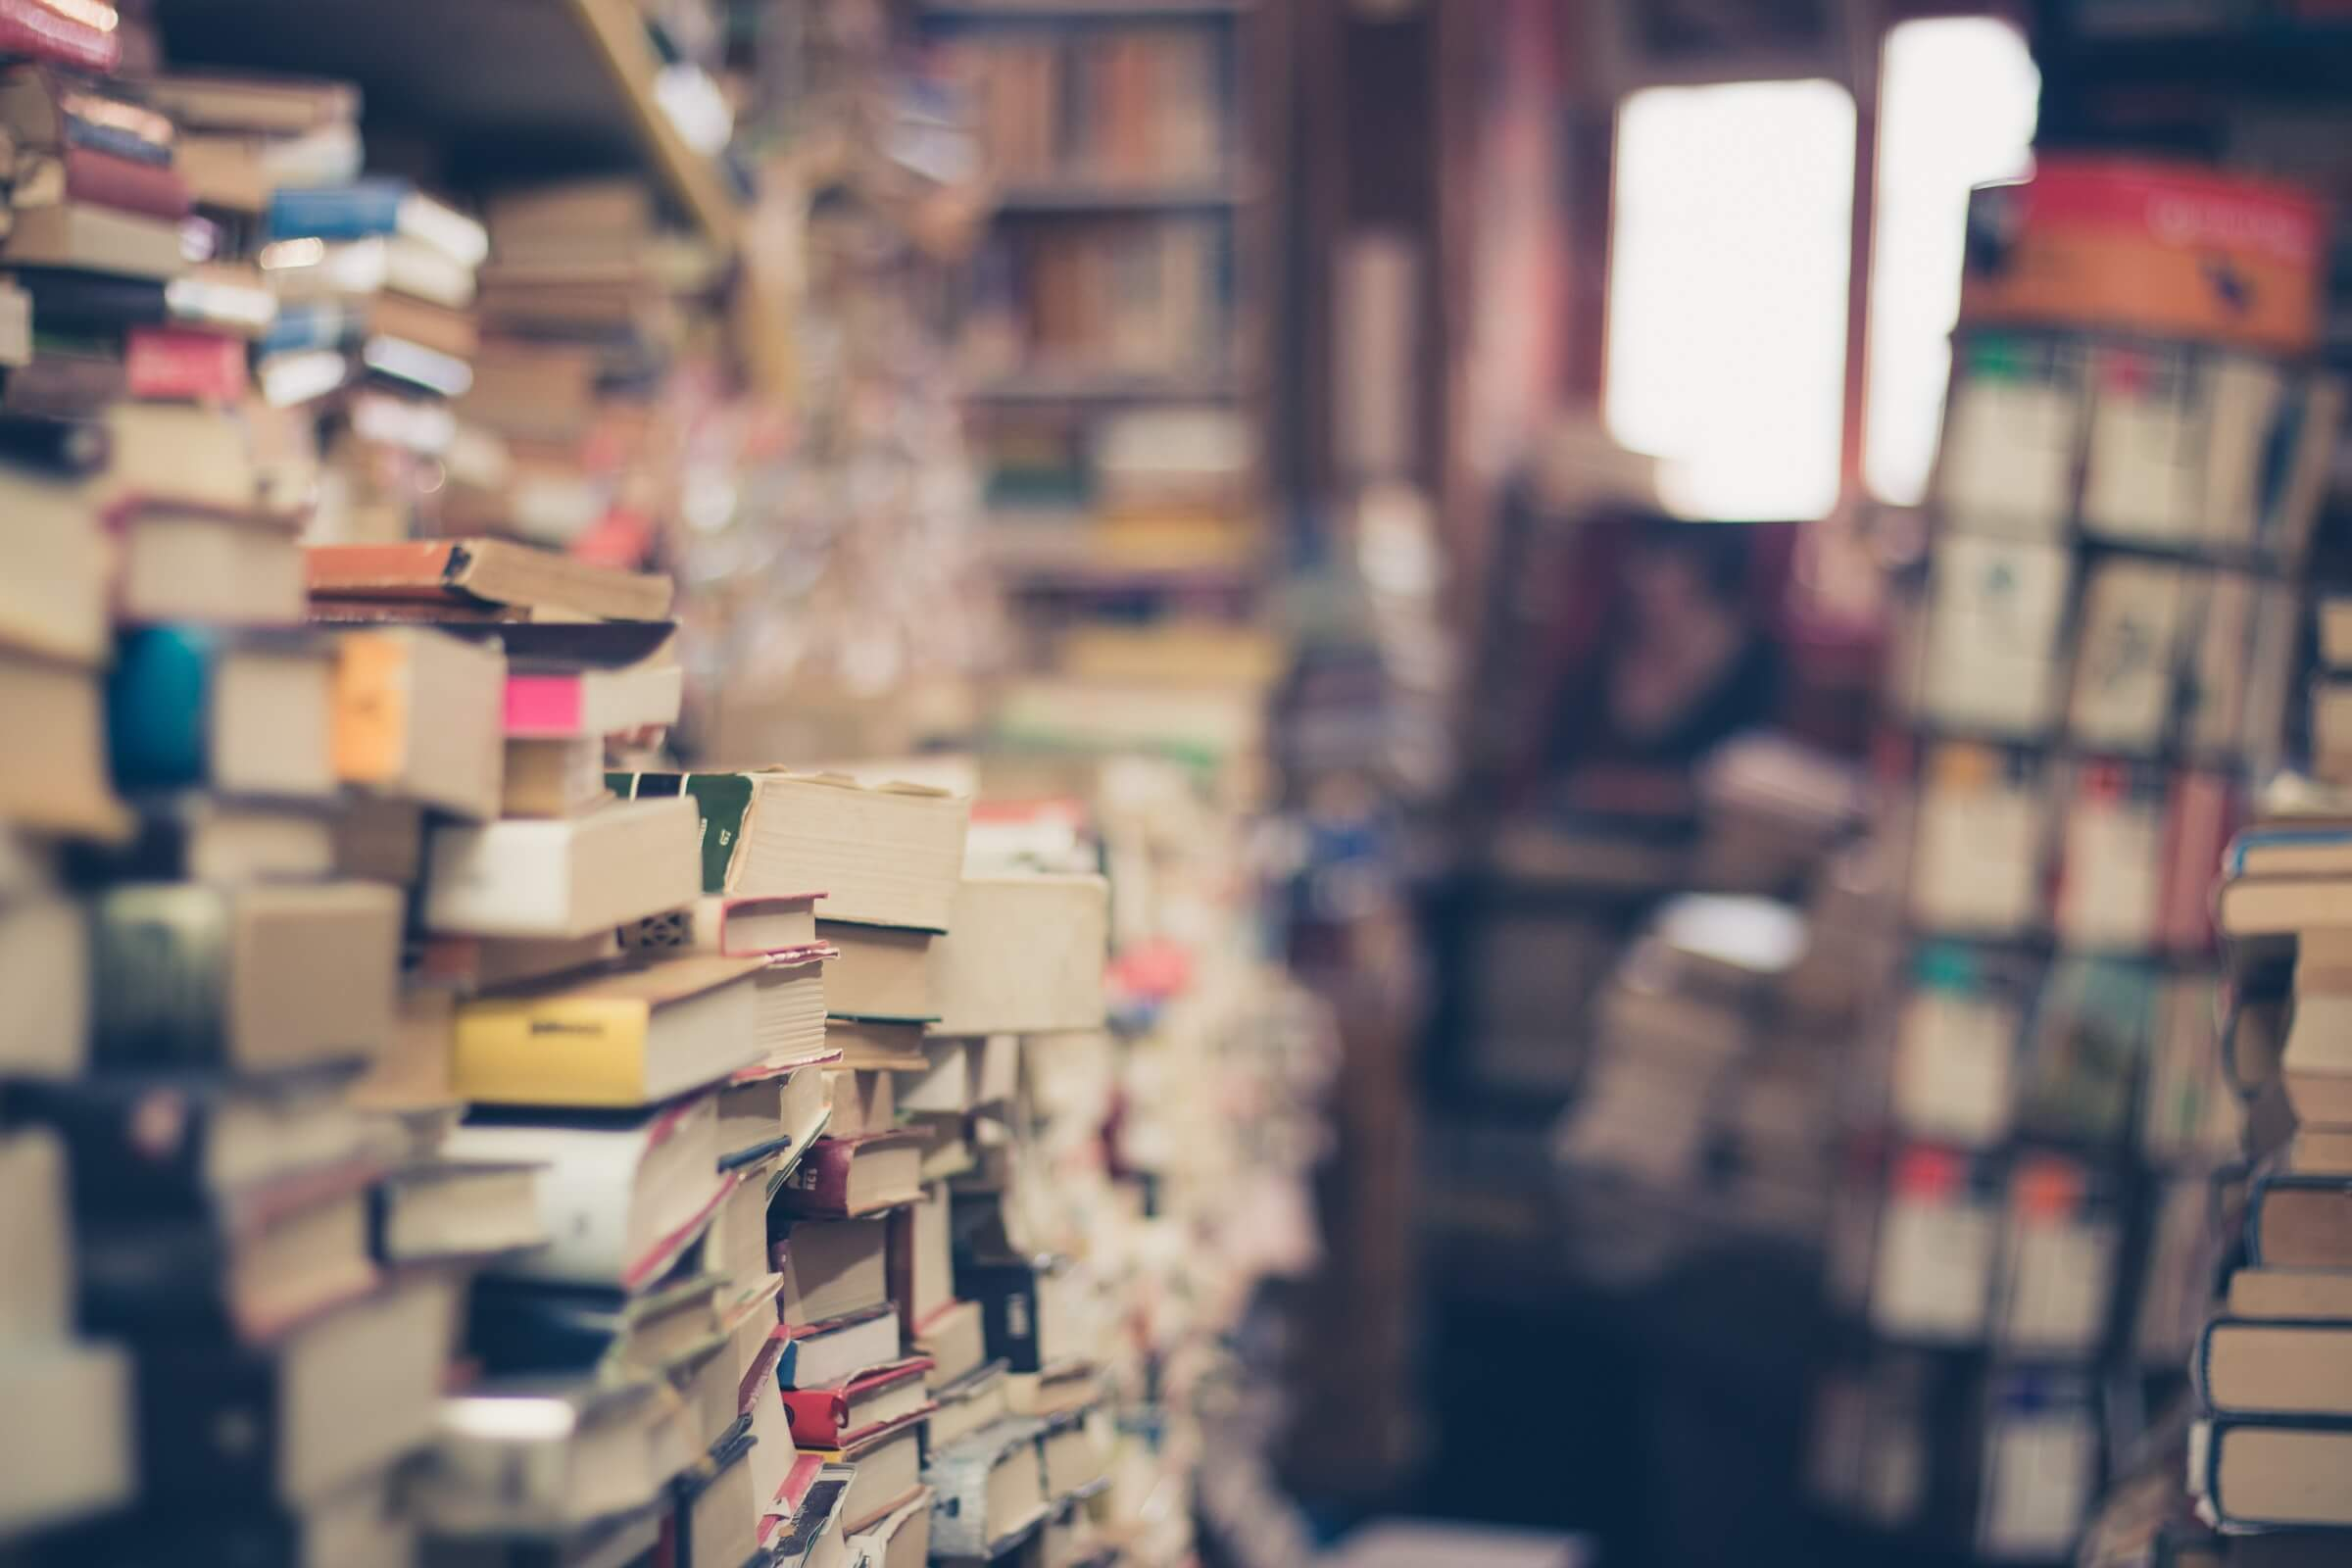 そこにあるのは本好きの桃源郷だった~『昔日の客』